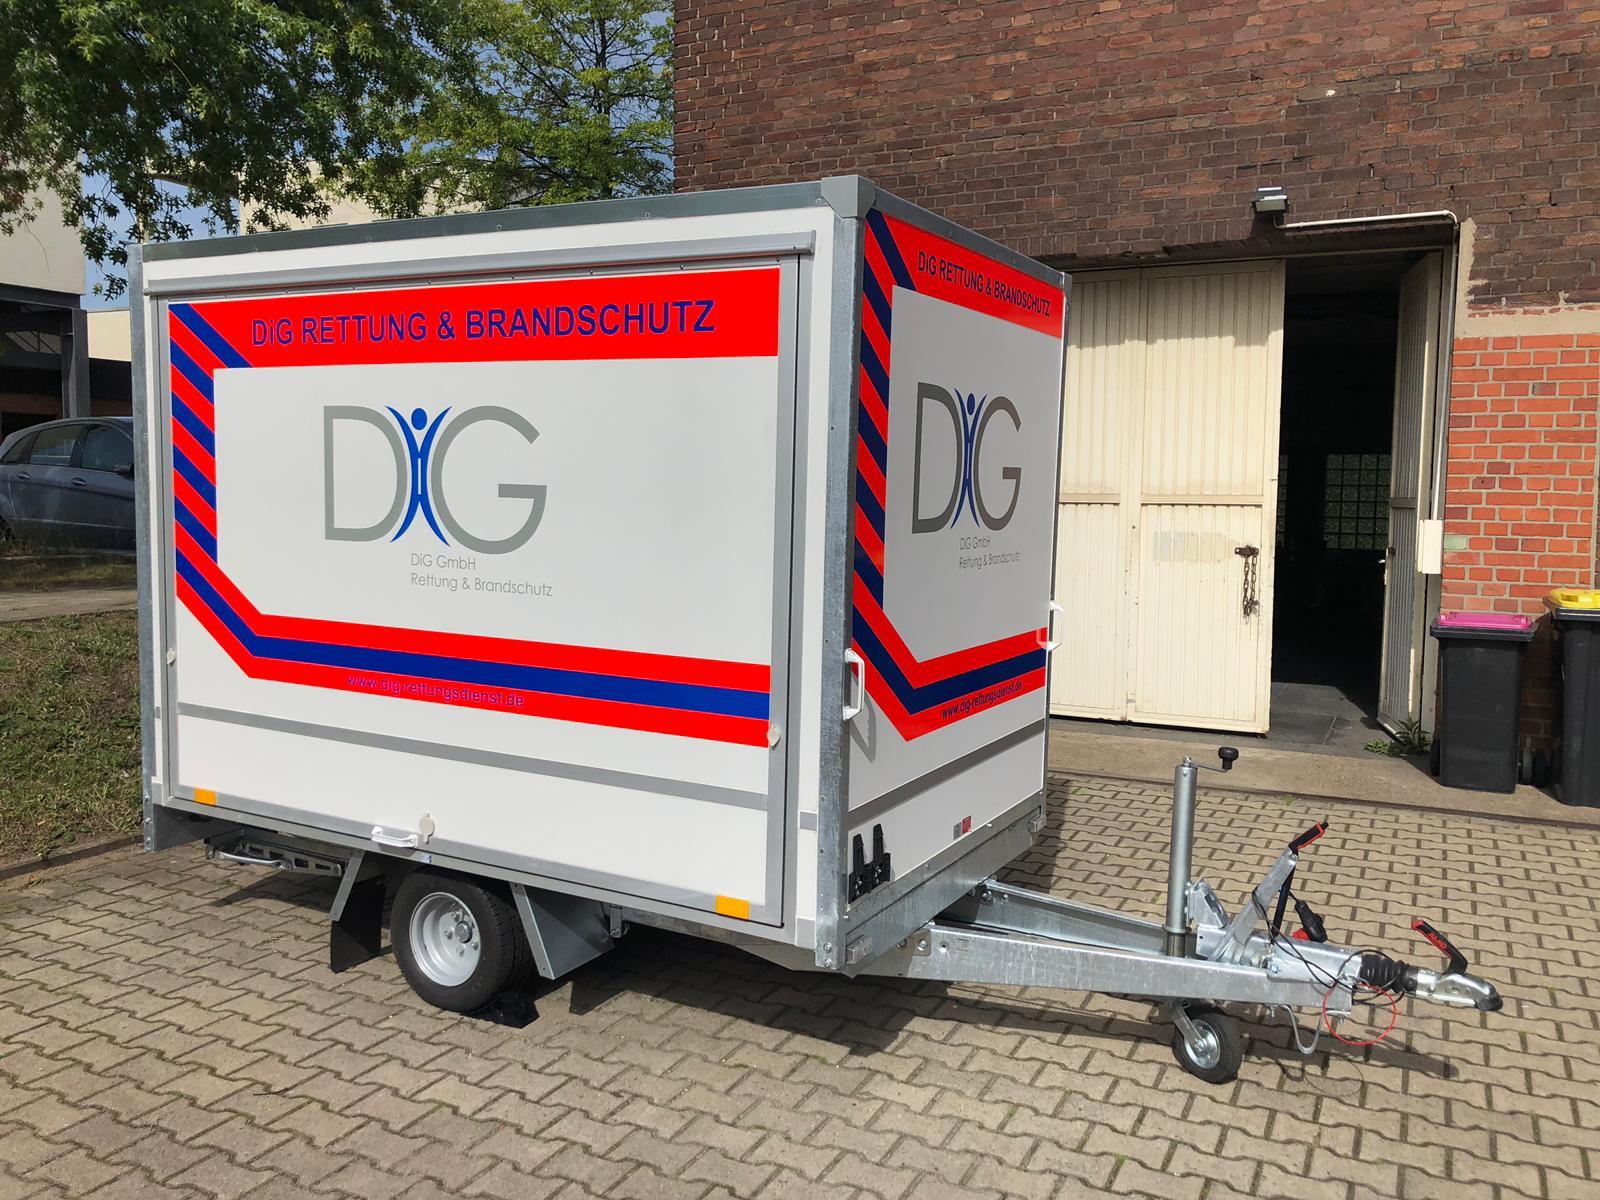 DiG GmbH – Rettung & Brandschutz, Hochkampstr. 68 c, 45881 Gelsenkirchen, Tel: 0209 930 446 30, Fax: 0209 930 446 39, info@dig-gruppe.de, Geräteanhänger Sanitätsdienst mit BHP25